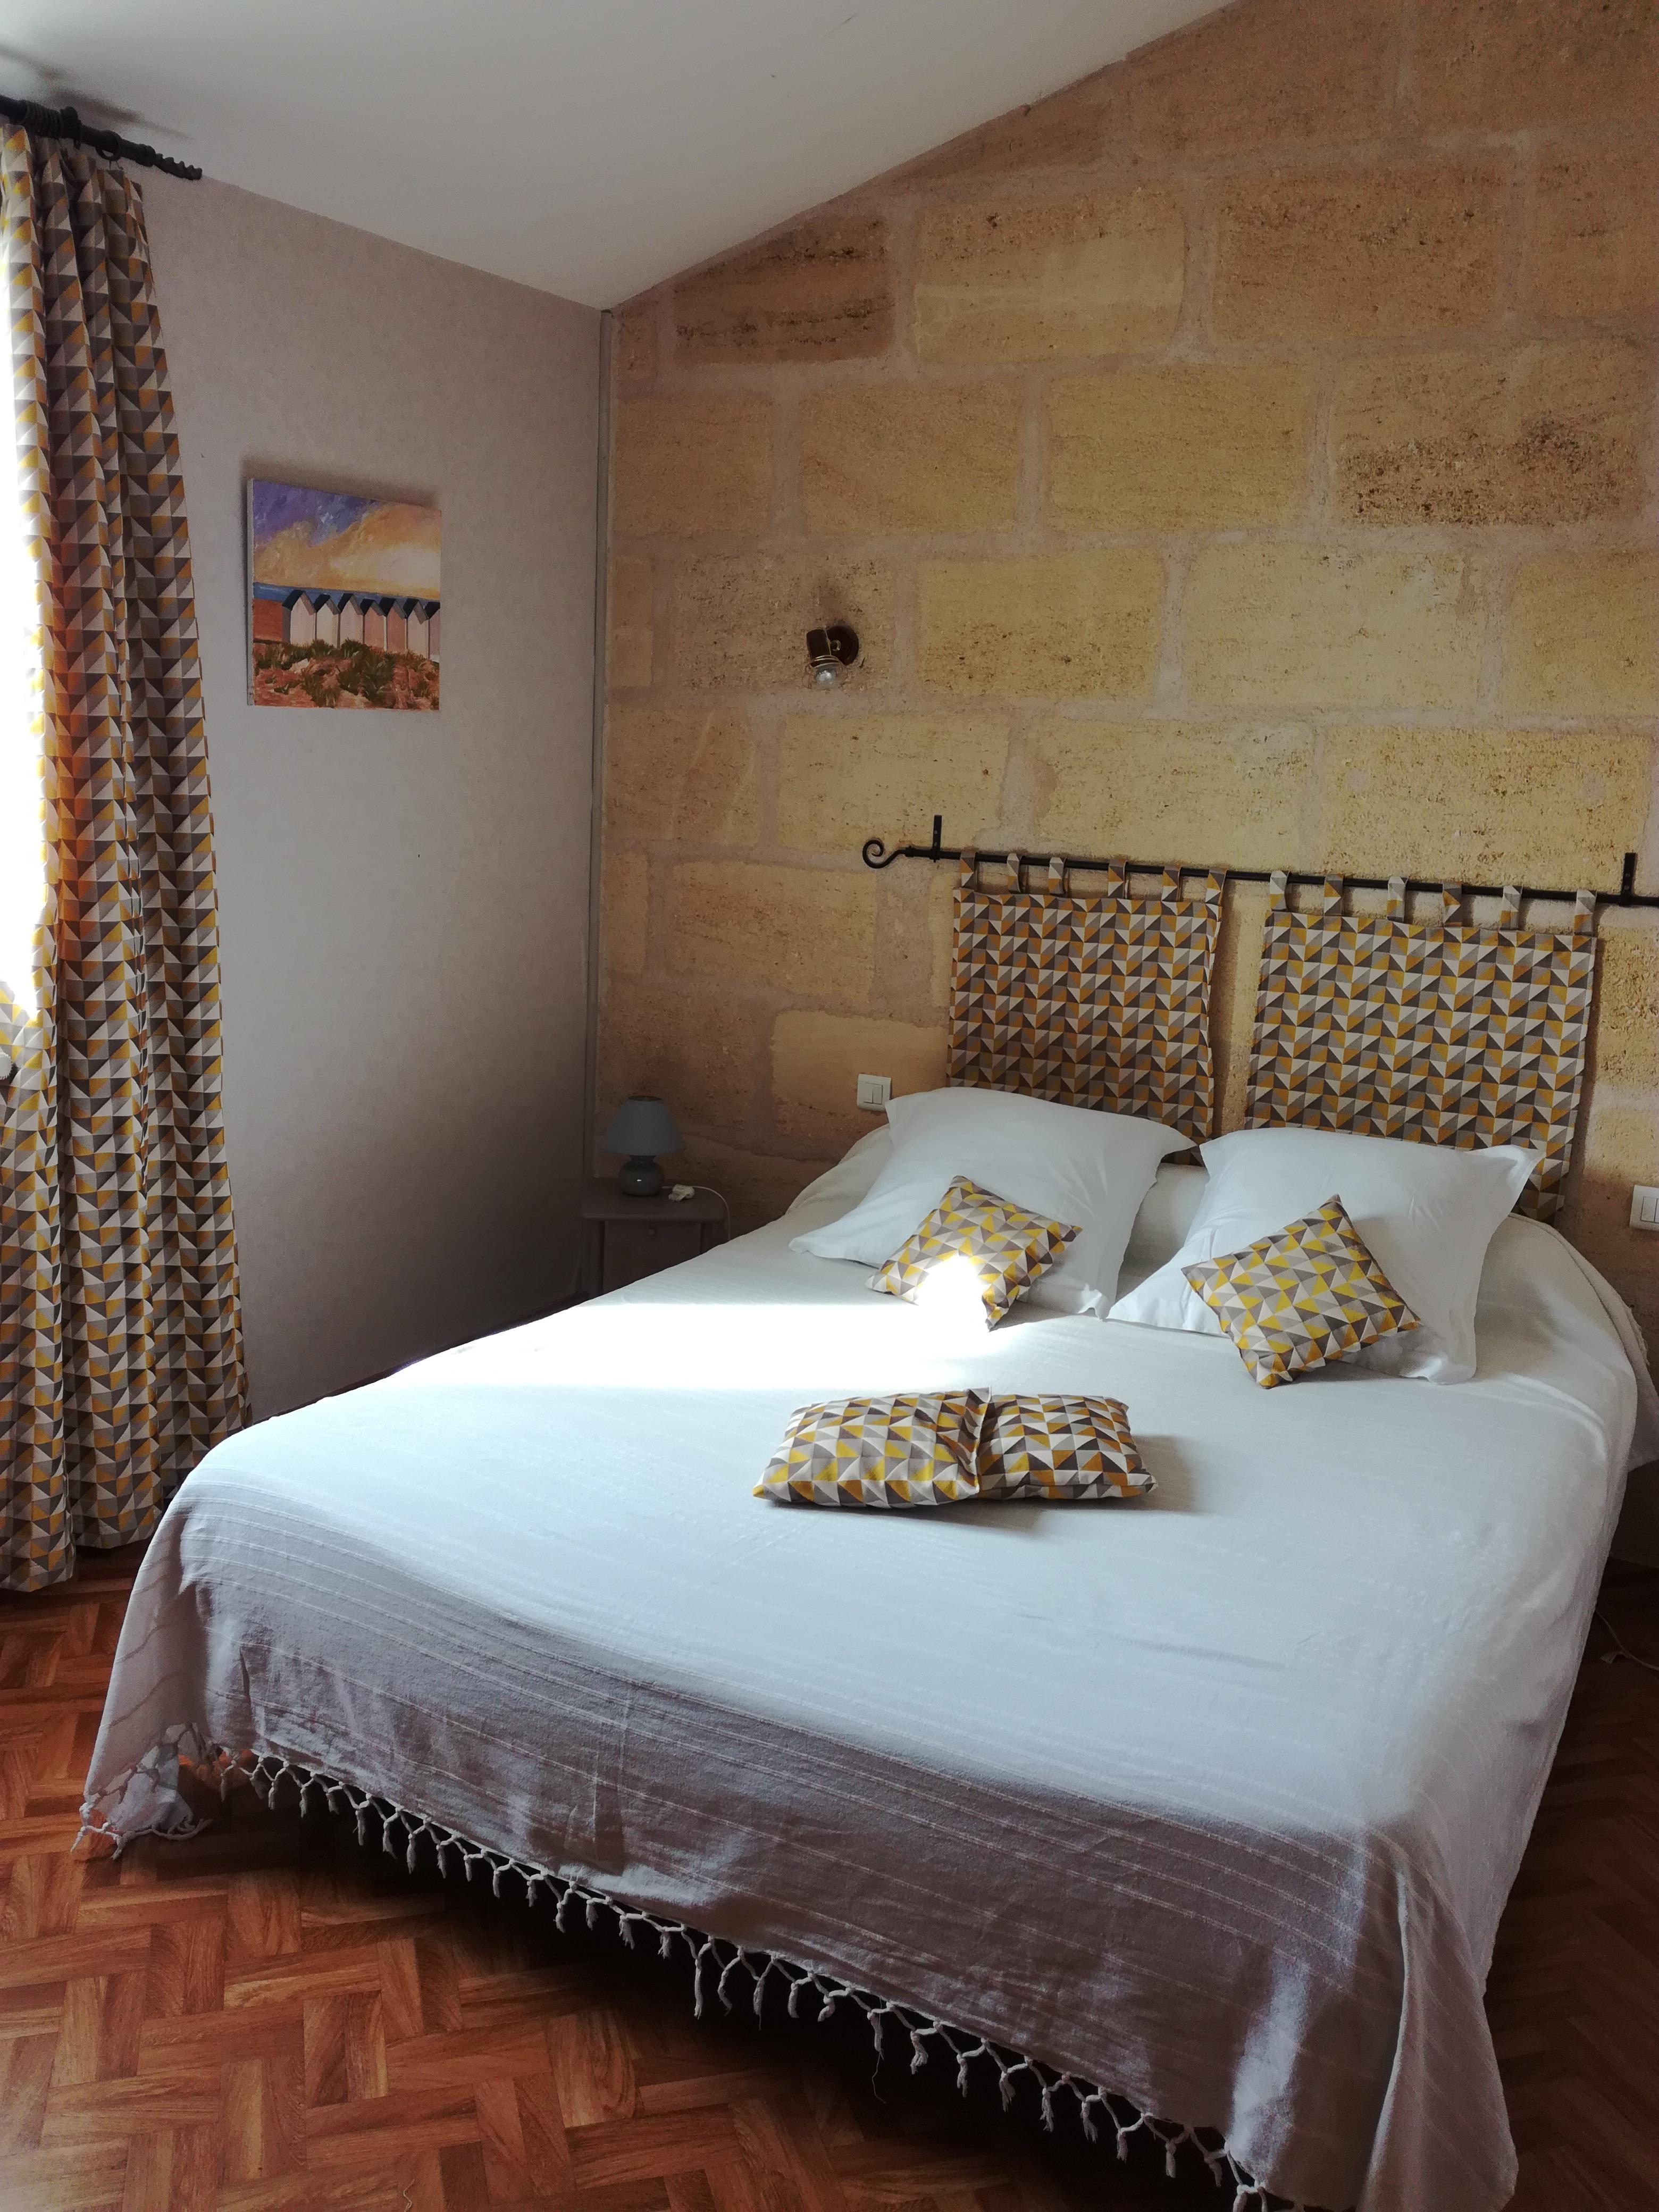 cabadentra saint emilion une chambre d 39 hotes en gironde en aquitaine album photos. Black Bedroom Furniture Sets. Home Design Ideas